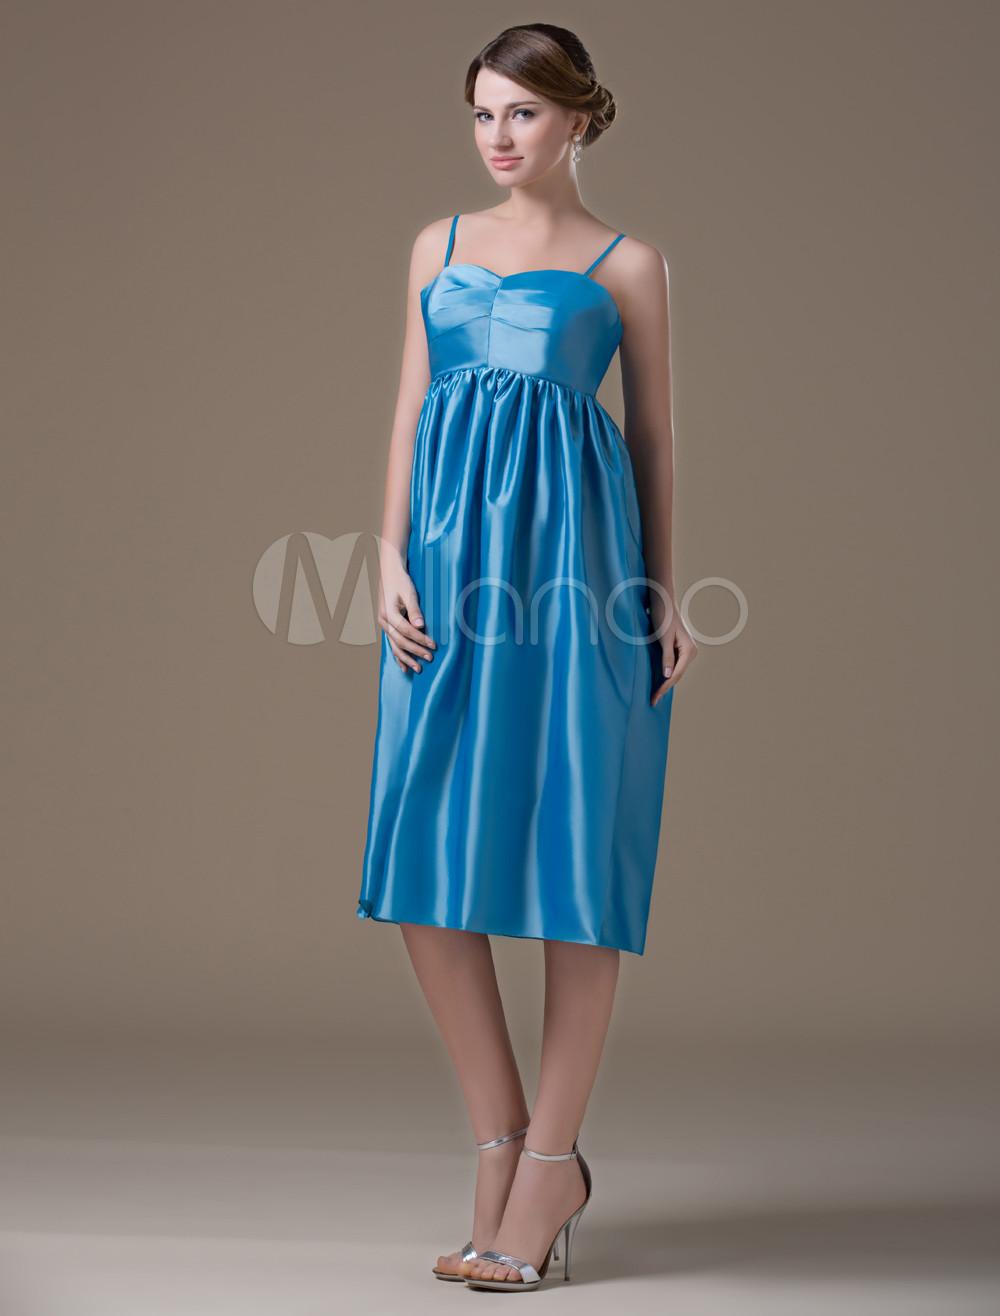 Cute Blue Taffeta Sweetheart Tea Length Maternity Bridesmaid Dress